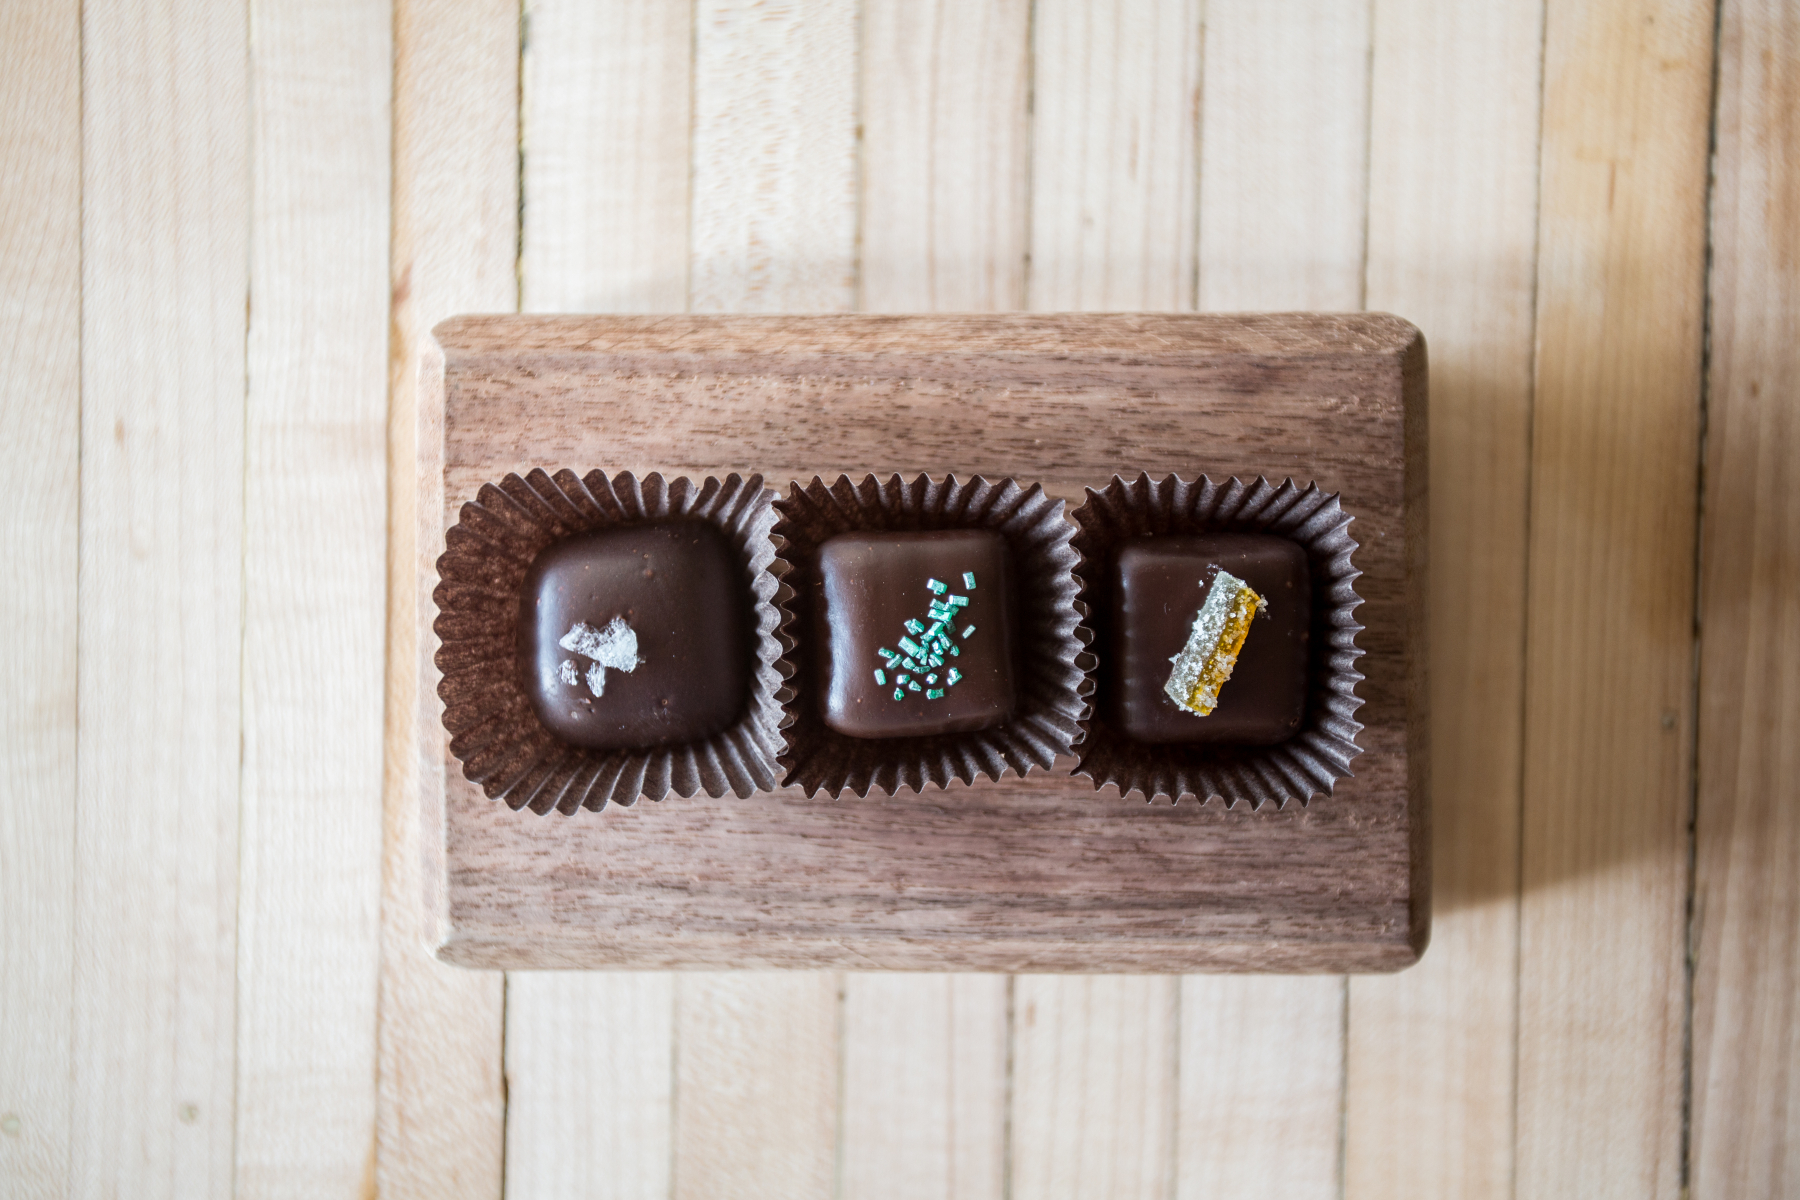 condor-chocolates-treats-athens-ga-credit-condor-chocolate-1